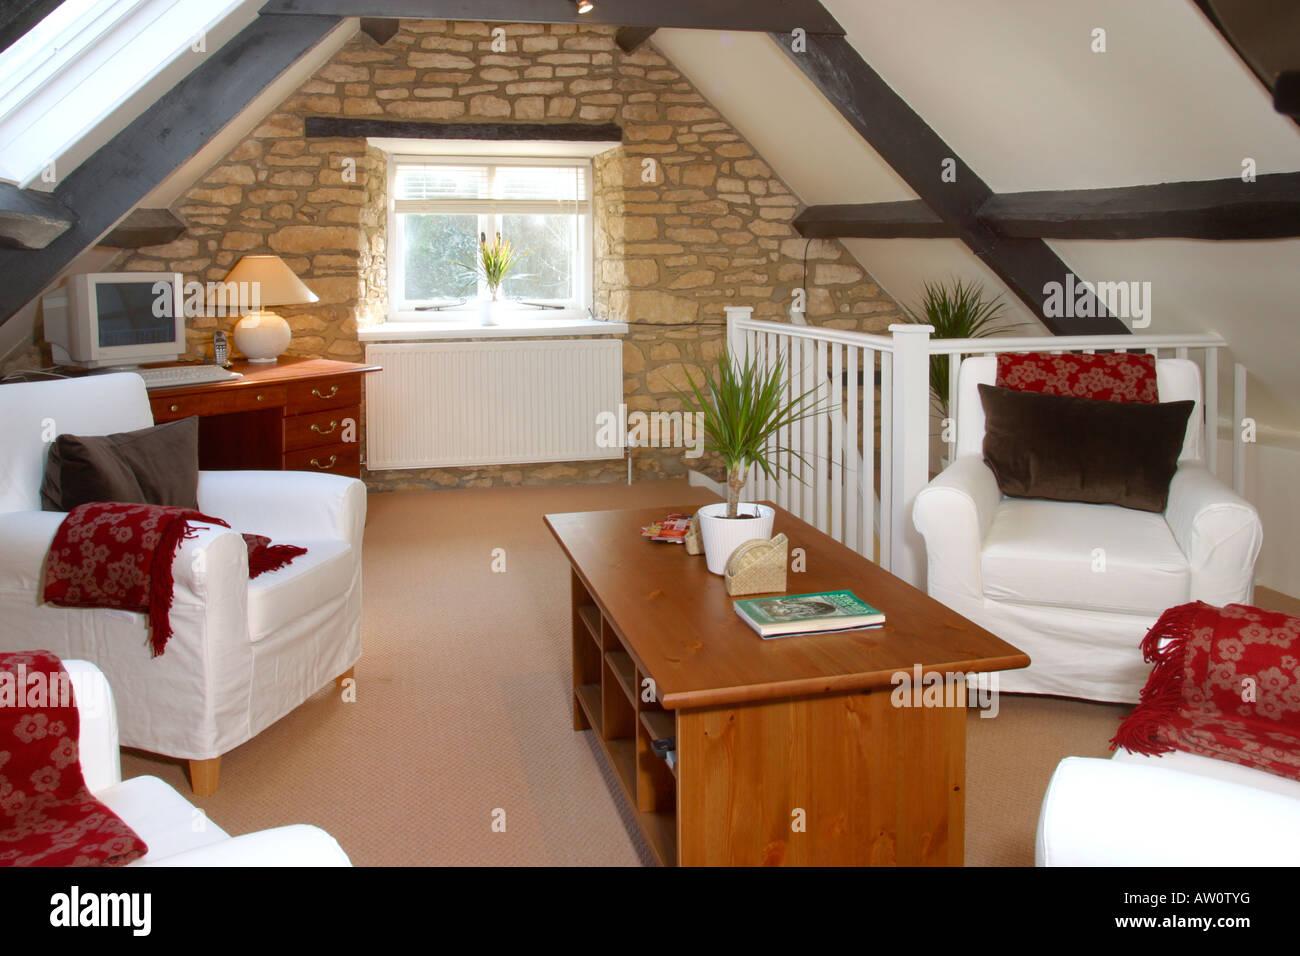 UK Property, House Innenraum, Dachgeschoss Wohnzimmer.